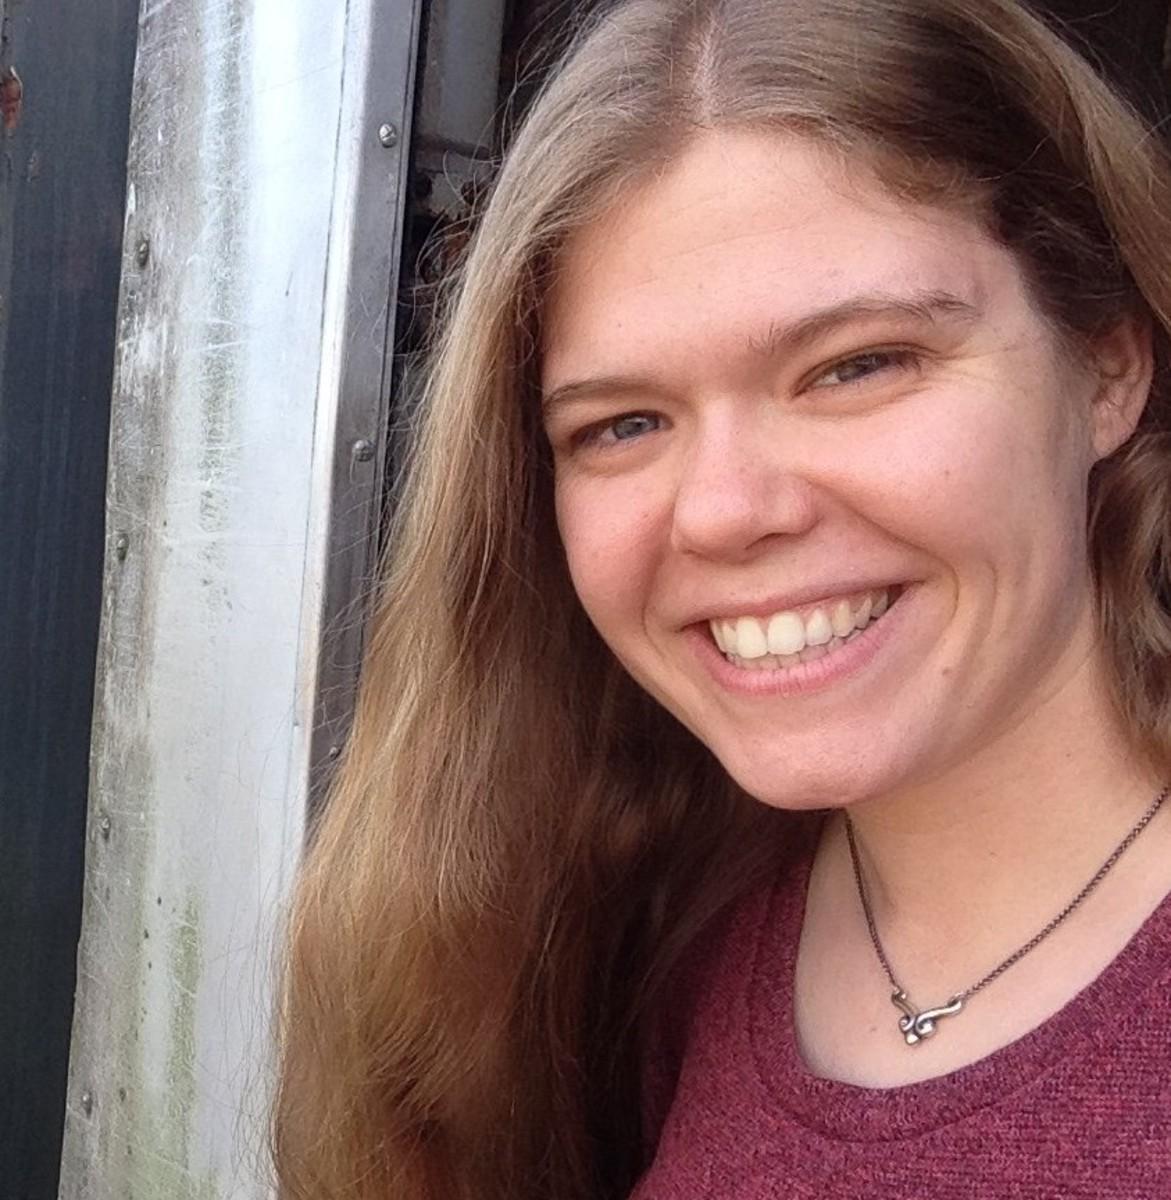 Sheepshed's founding filmmaker Katherine Johnson